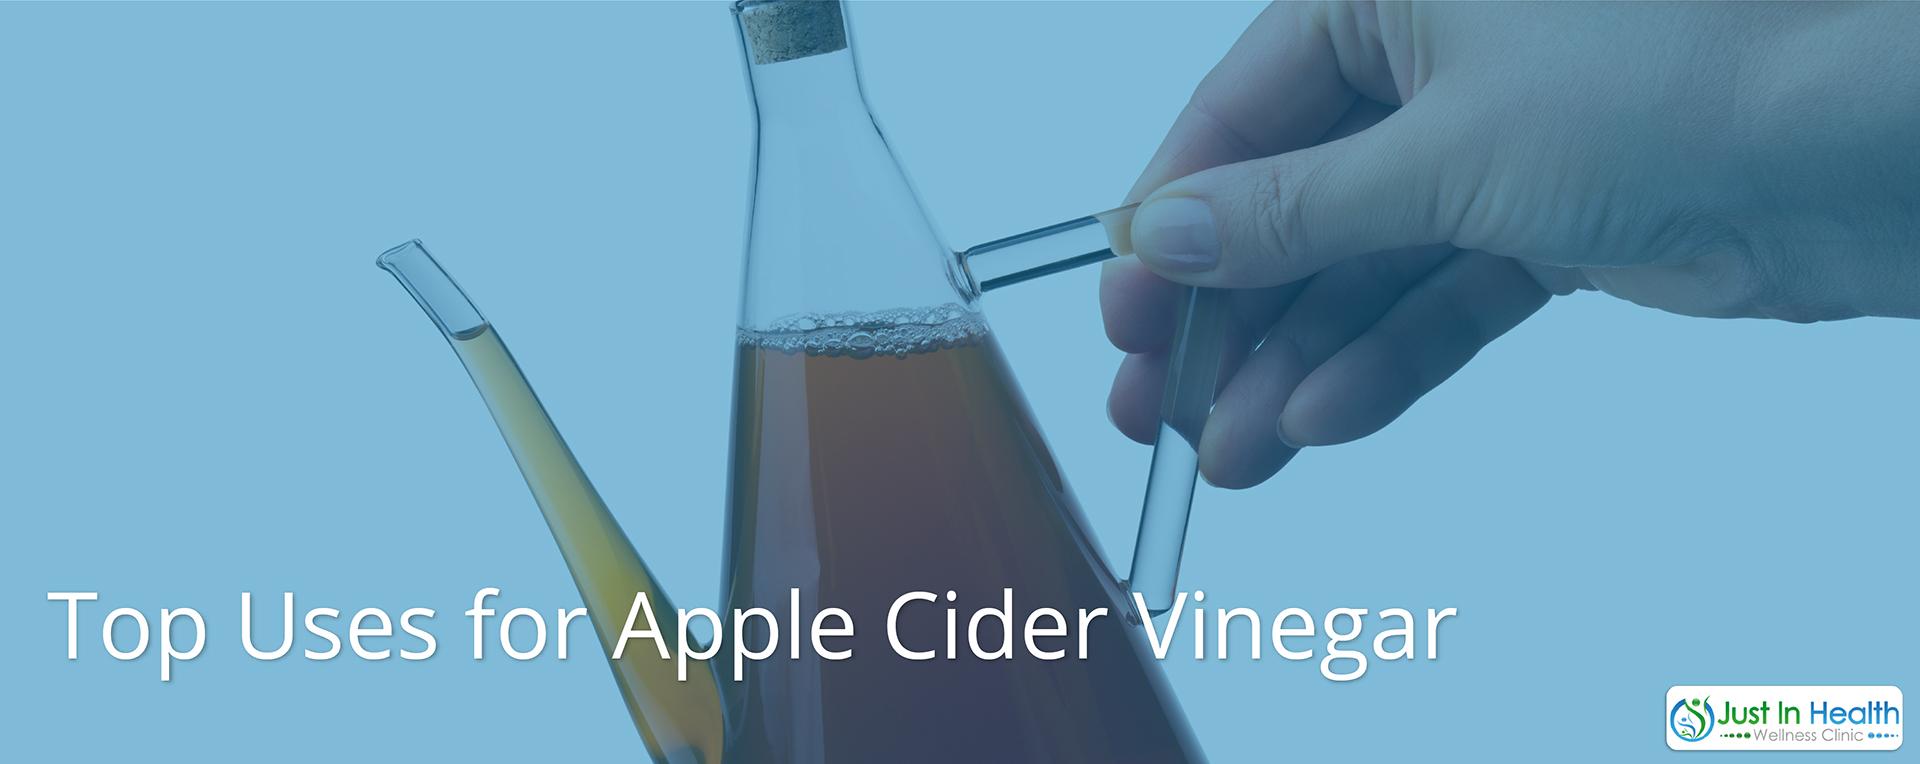 Curve game meme dating benefits of cider